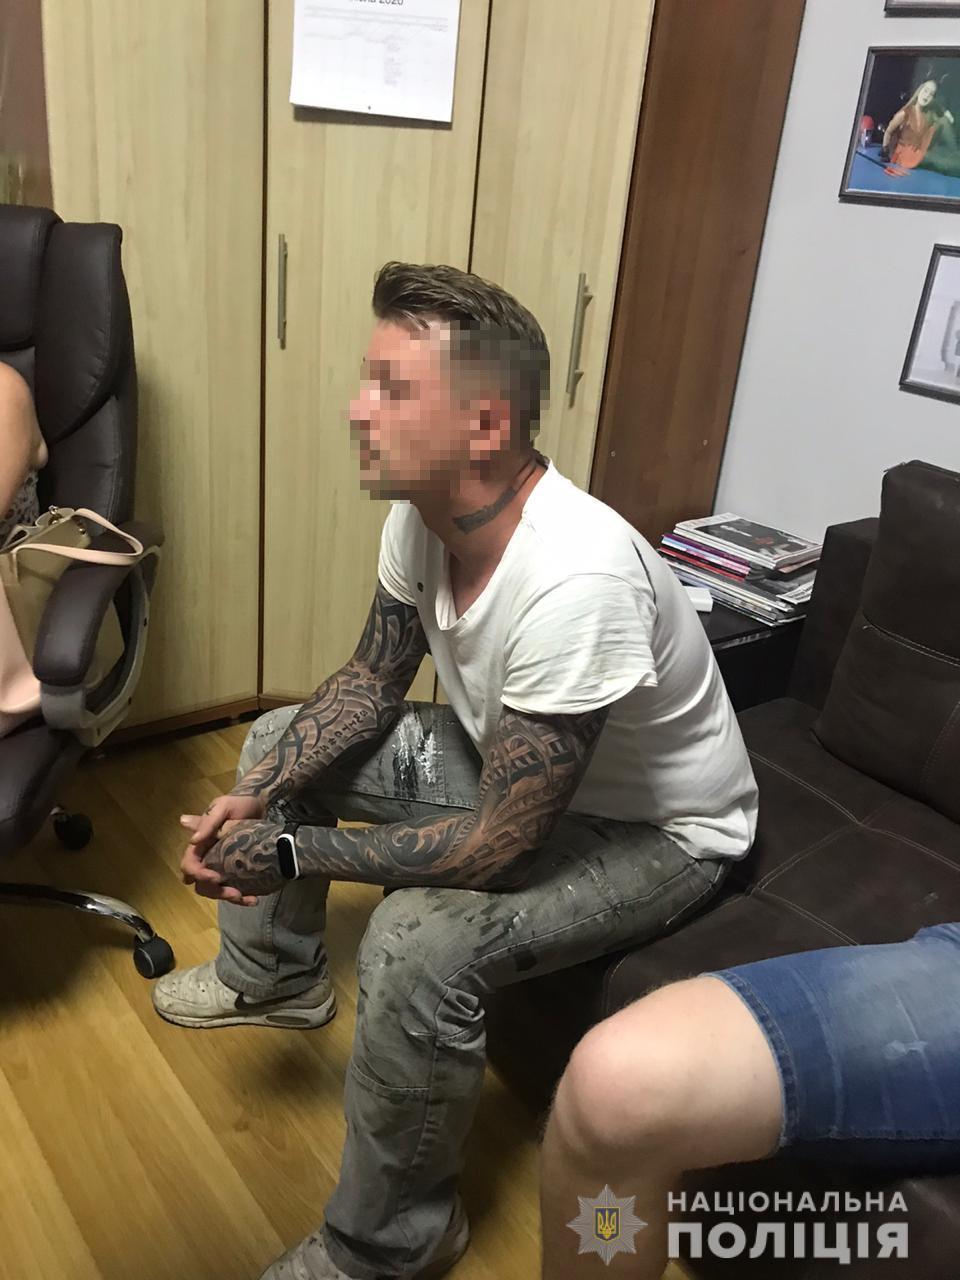 У Вінниці затримали австрійця, який разом з дружиною облаштував дитячу порностудію (Фото)